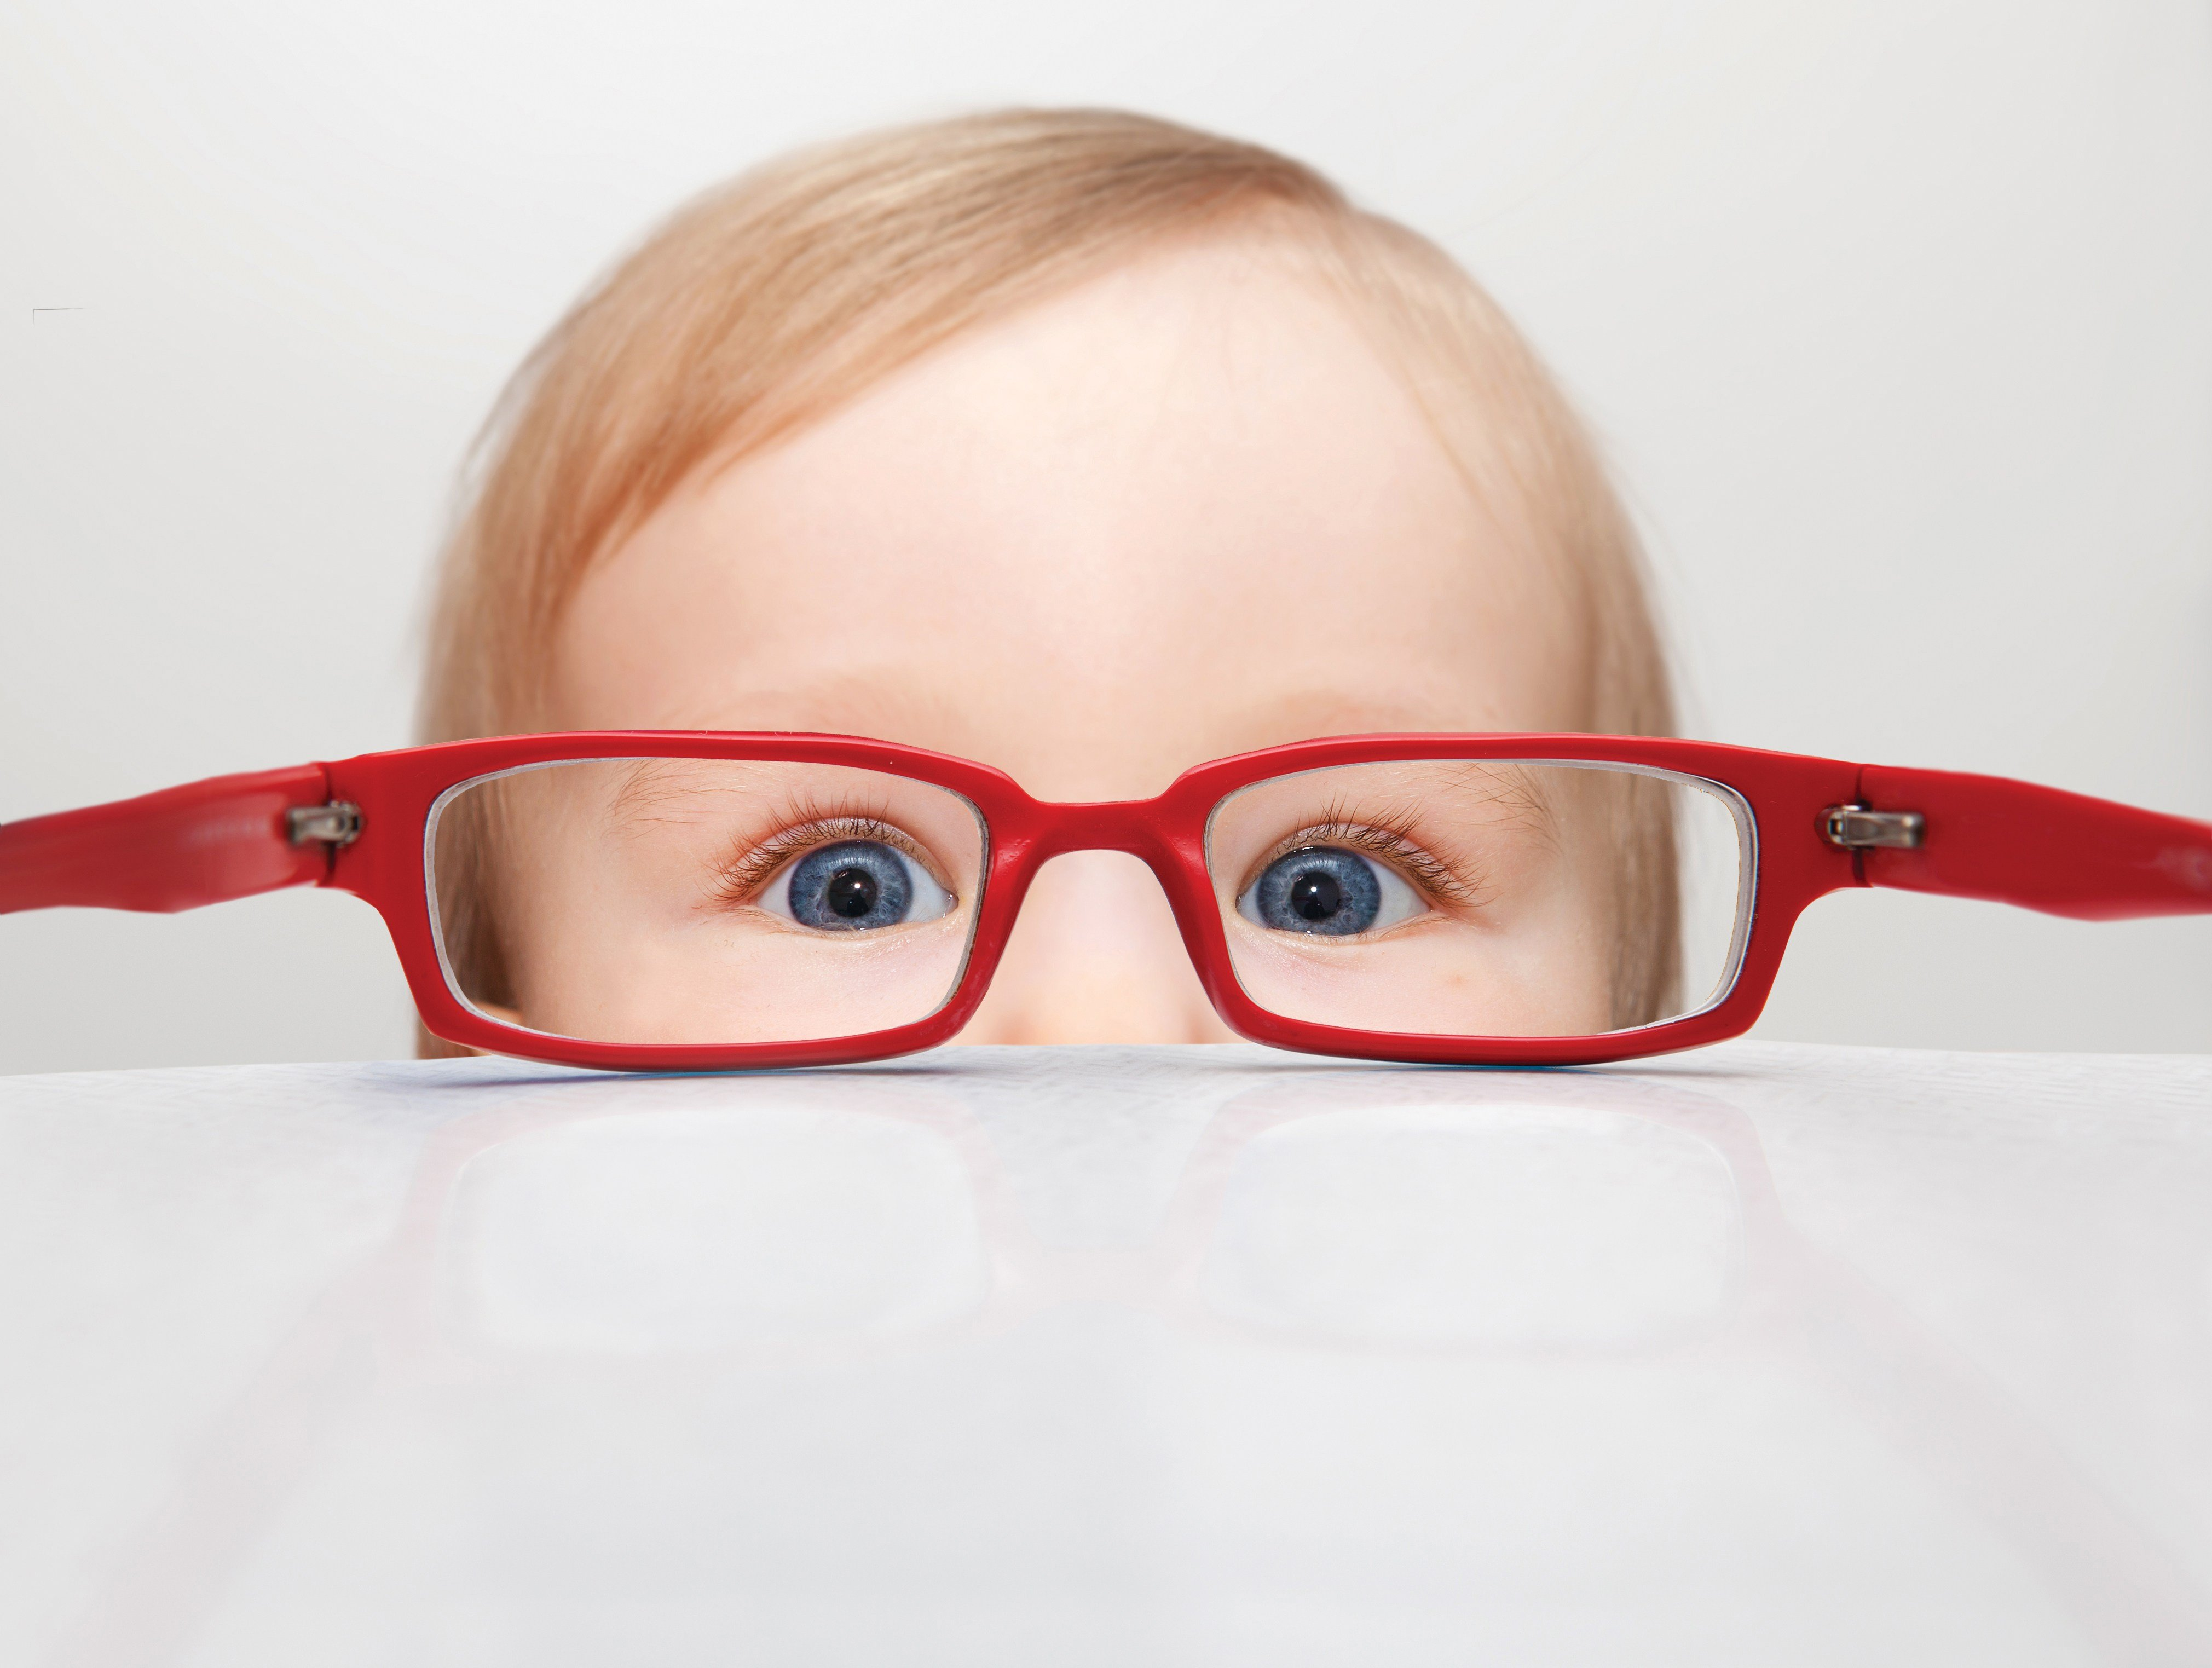 571952de2 Meu filho não quer usar óculos. E agora? - Neuro Kinder